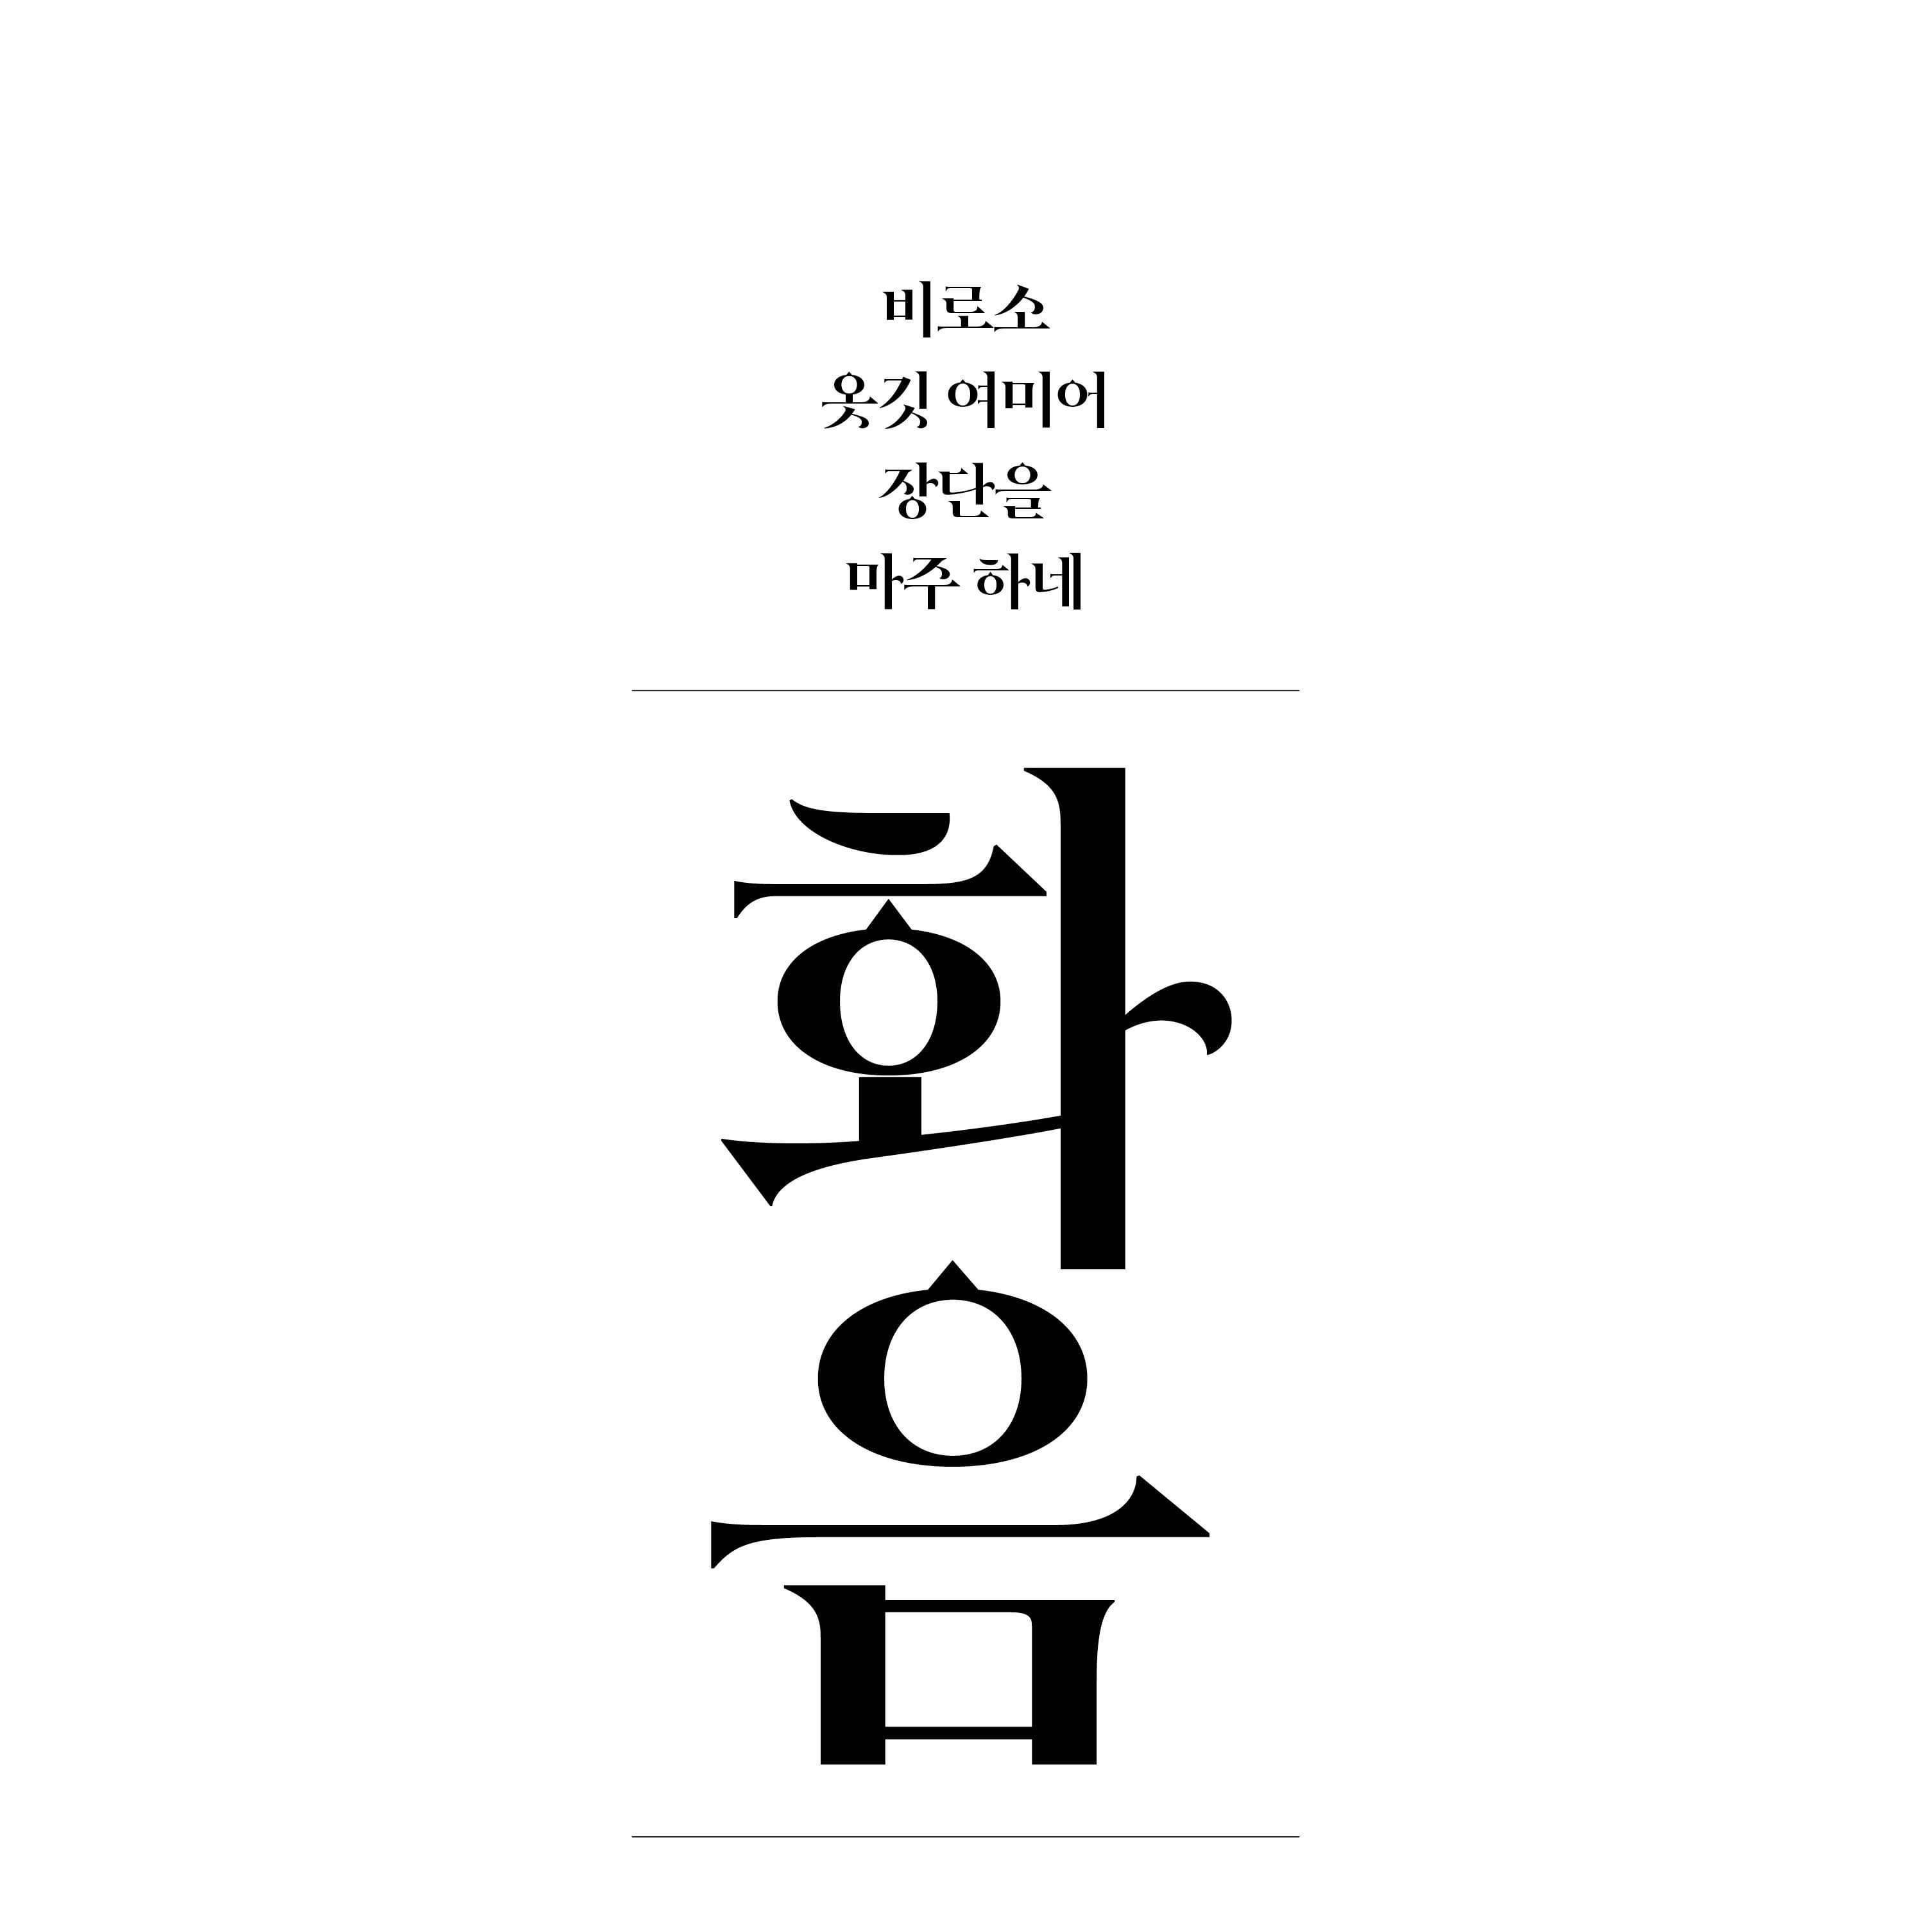 화음시리즈 - 성음 (최경만)